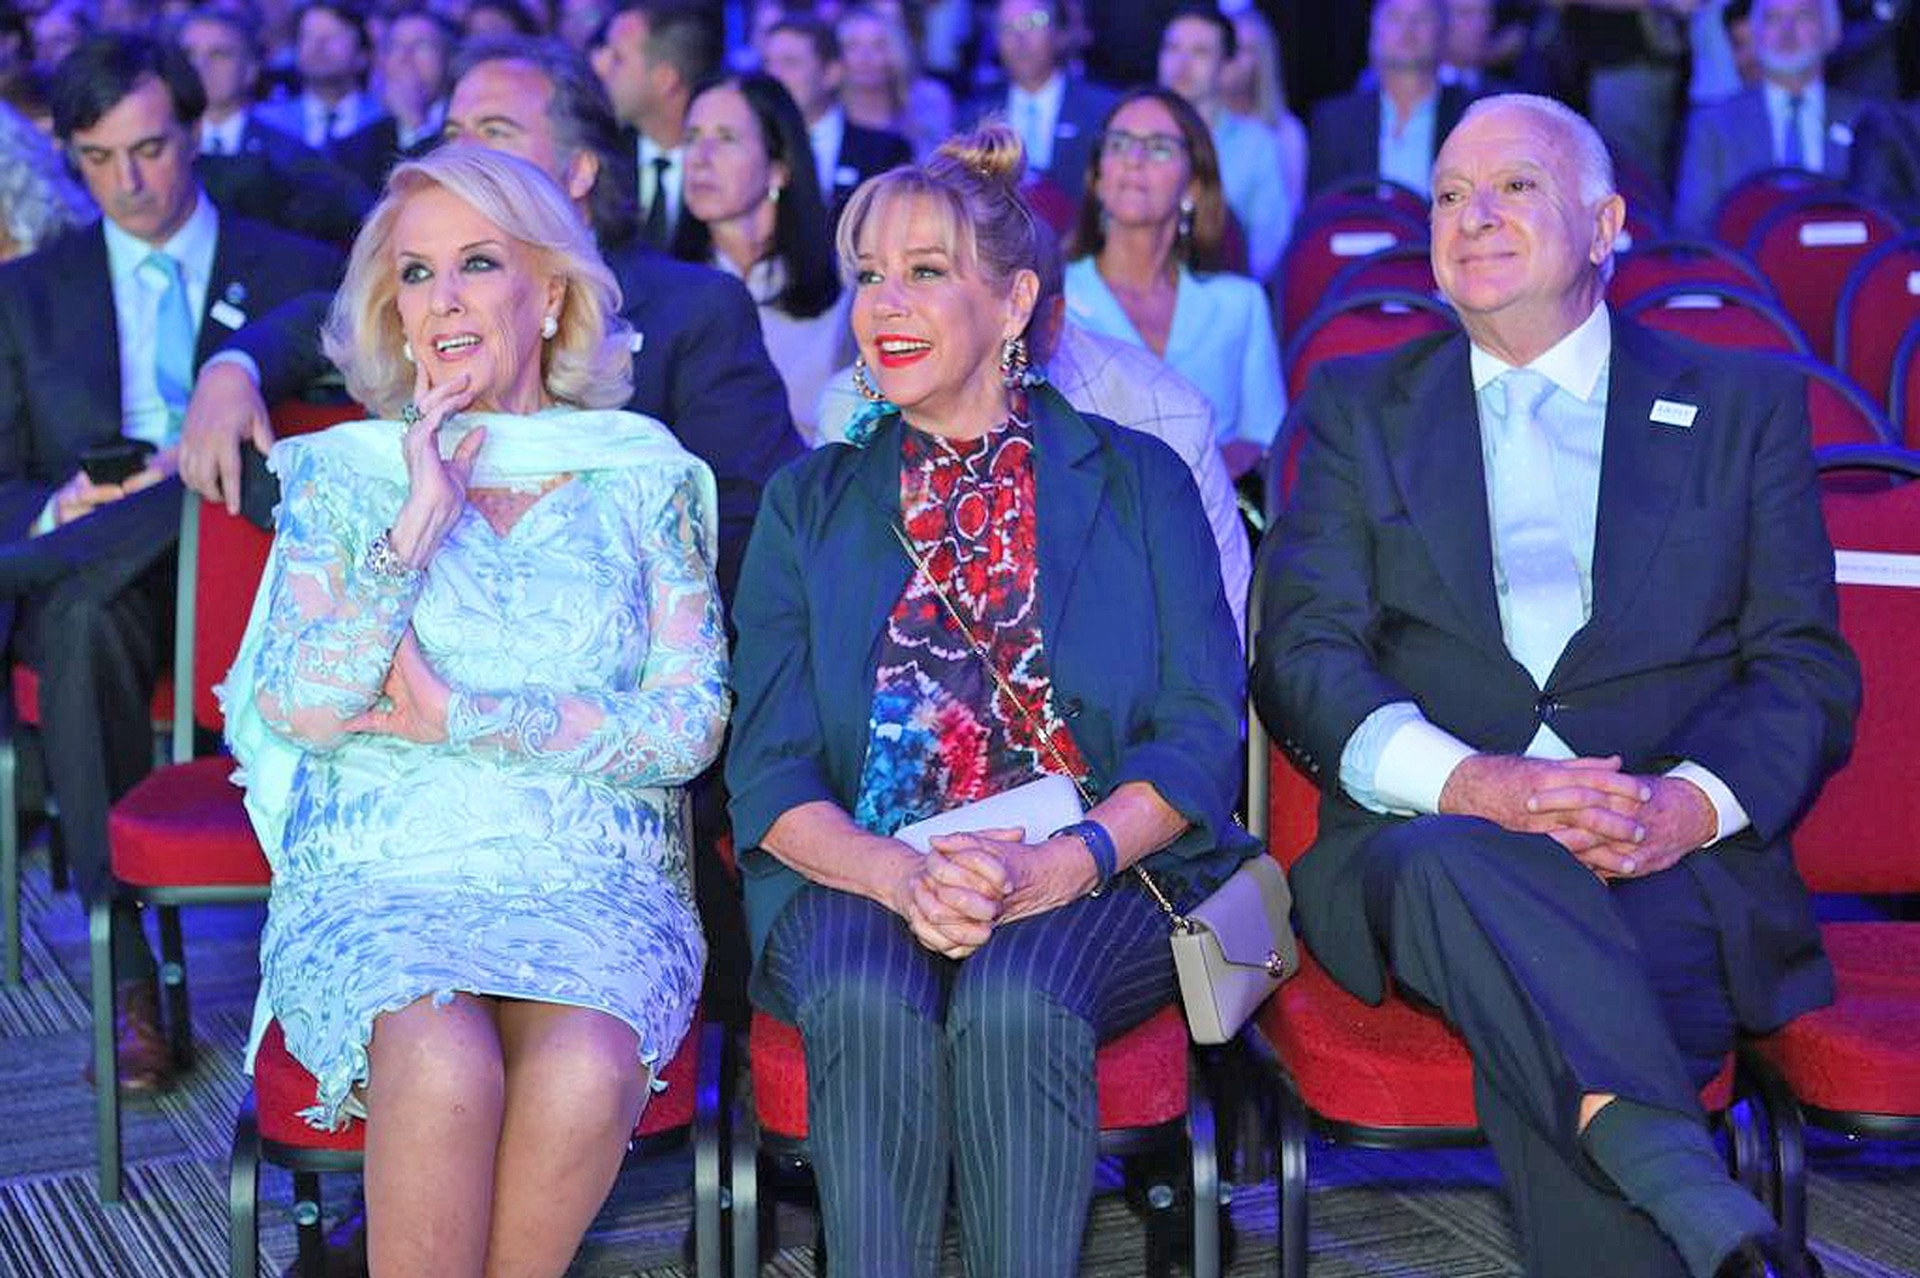 Mirtha Legrand, Marcela Tinayre y Norberto Frigerio durante la celebración por los 150 años de LA NACION